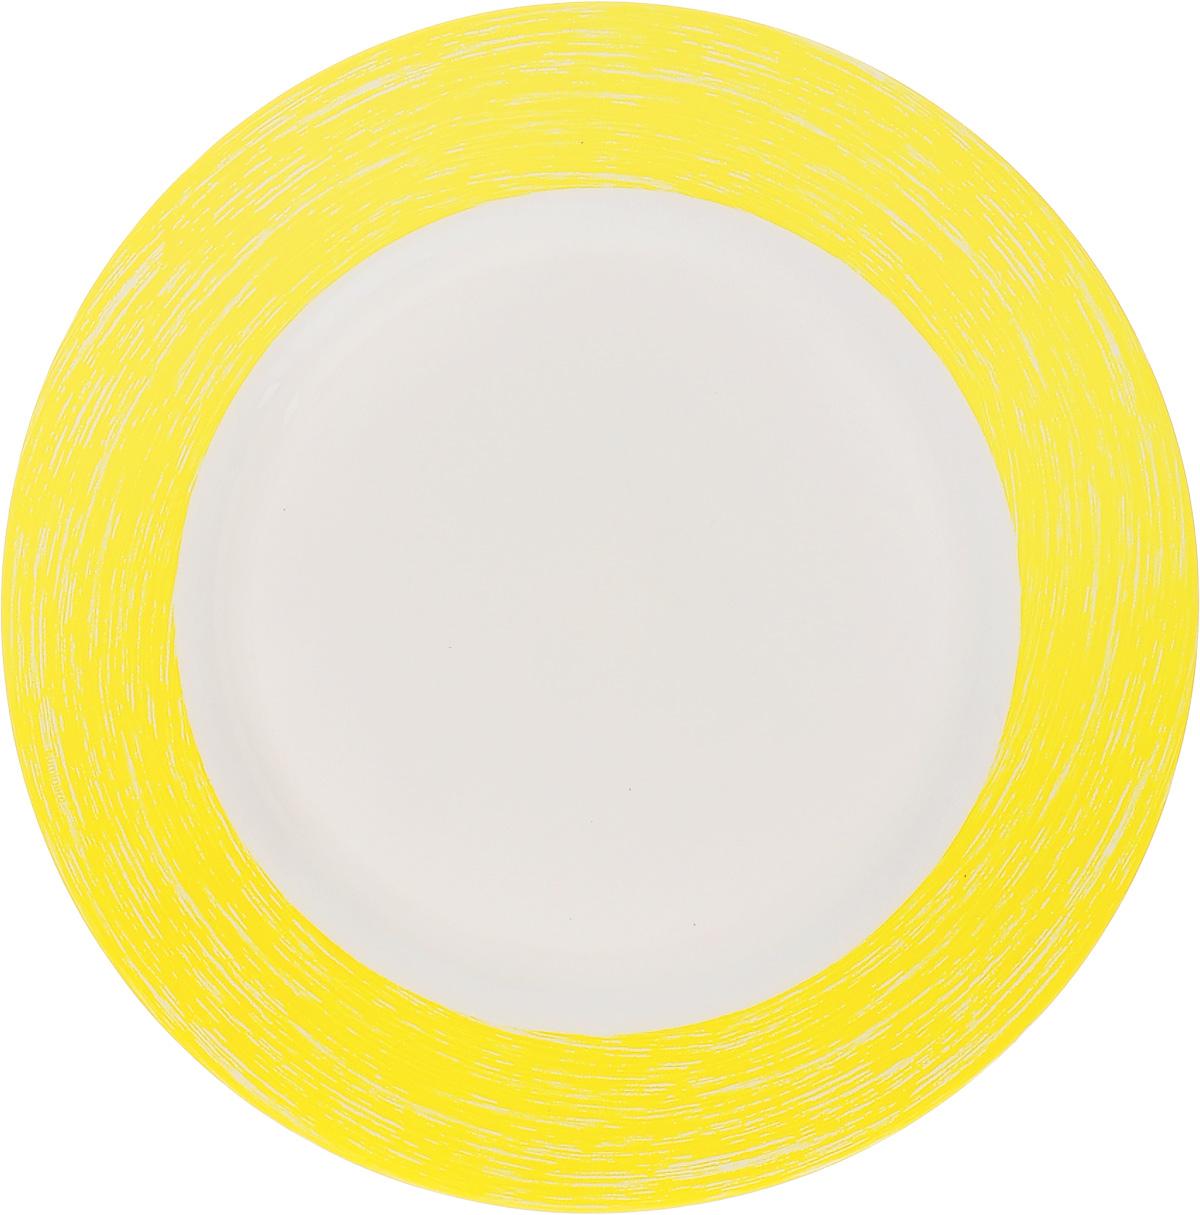 Тарелка десертная Luminarc Color Days Yellow, 19 смL1521Десертная тарелка Luminarc Color Days Yellow, изготовленная из ударопрочного стекла, имеет изысканный внешний вид. Такая тарелка прекрасно подходит как для торжественных случаев, так и для повседневного использования. Идеальна для подачи десертов, пирожных, тортов и многого другого. Она прекрасно оформит стол и станет отличным дополнением к вашей коллекции кухонной посуды. Диаметр тарелки (по верхнему краю): 19 см.